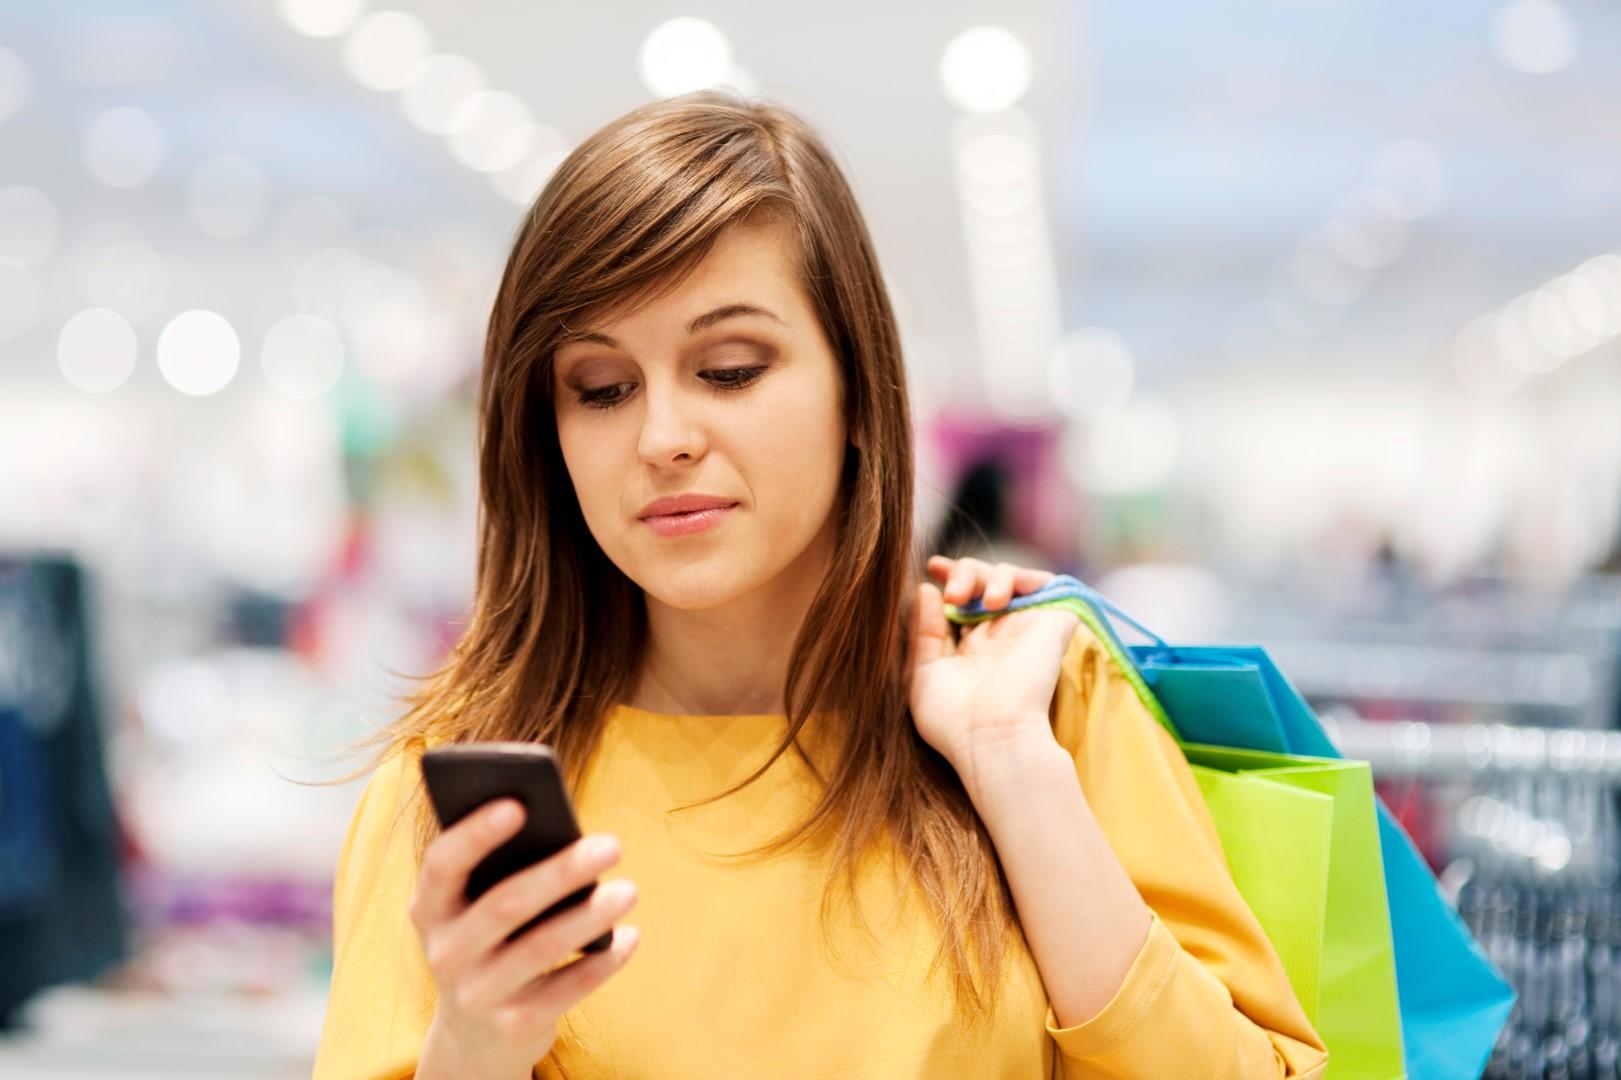 γυναικα smartphone (2) (Large)